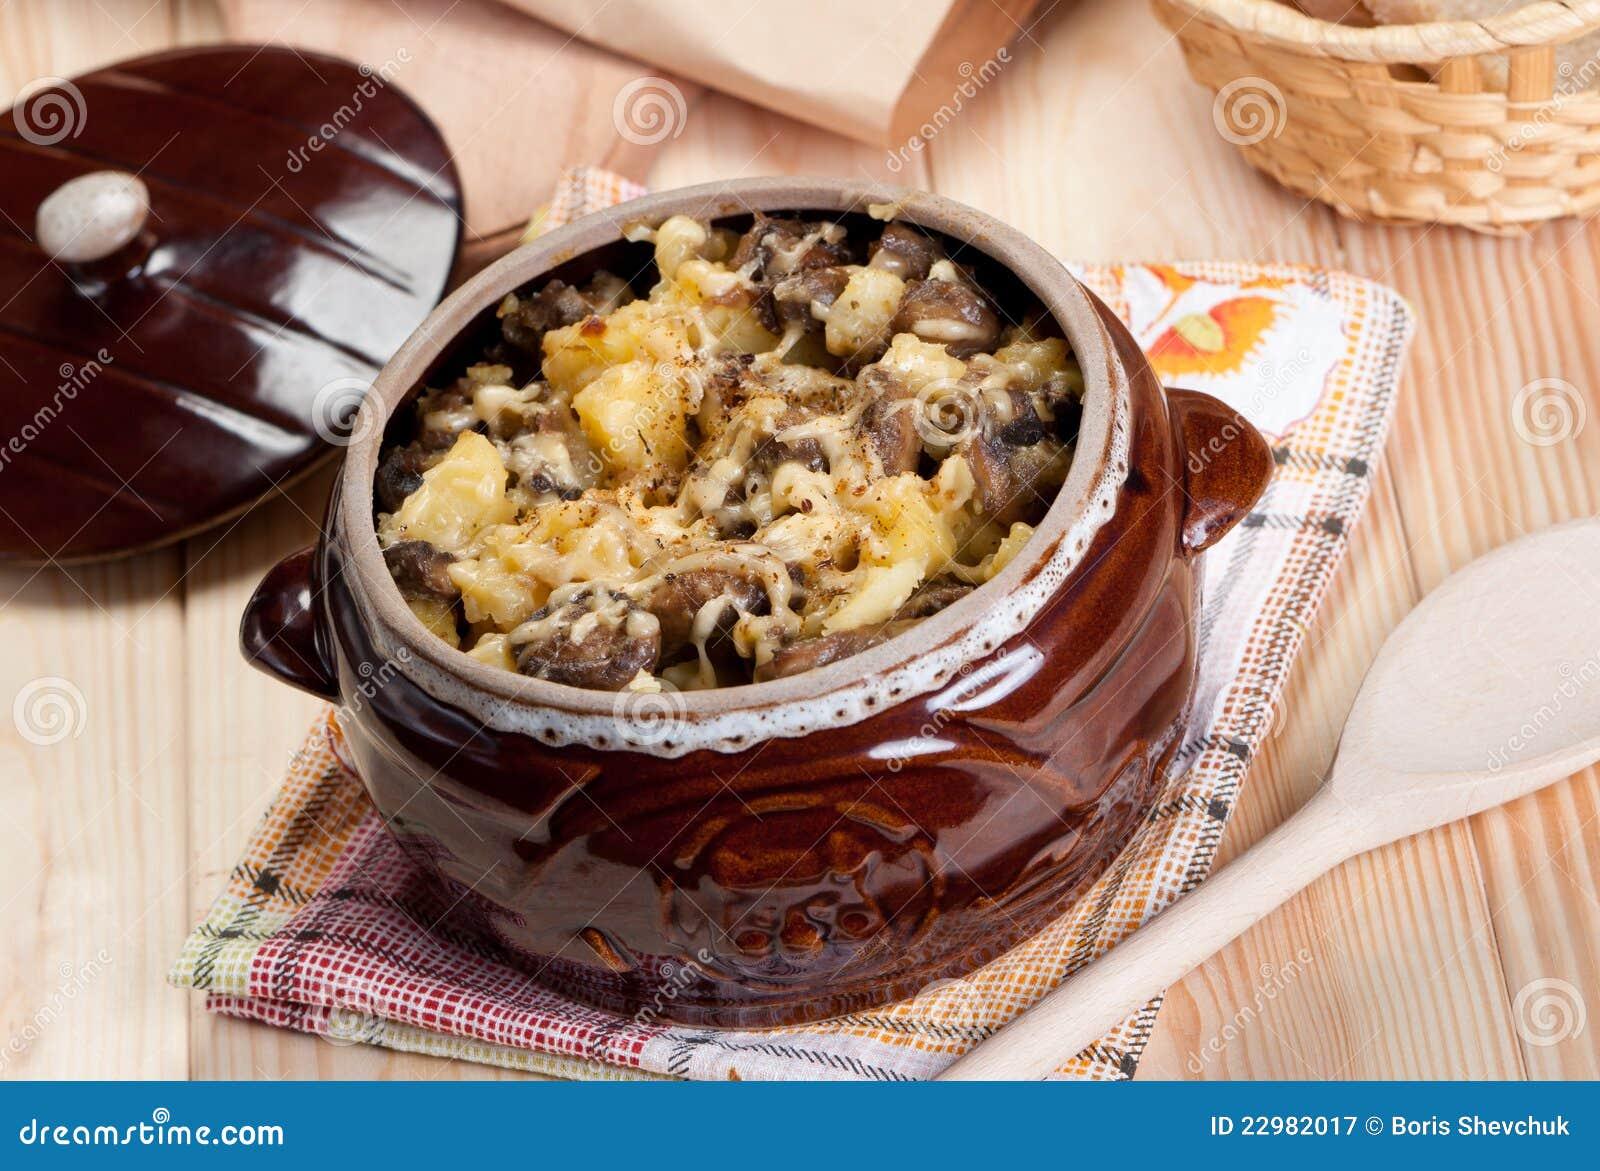 Рецепт картошки с шампиньонами в горшочке